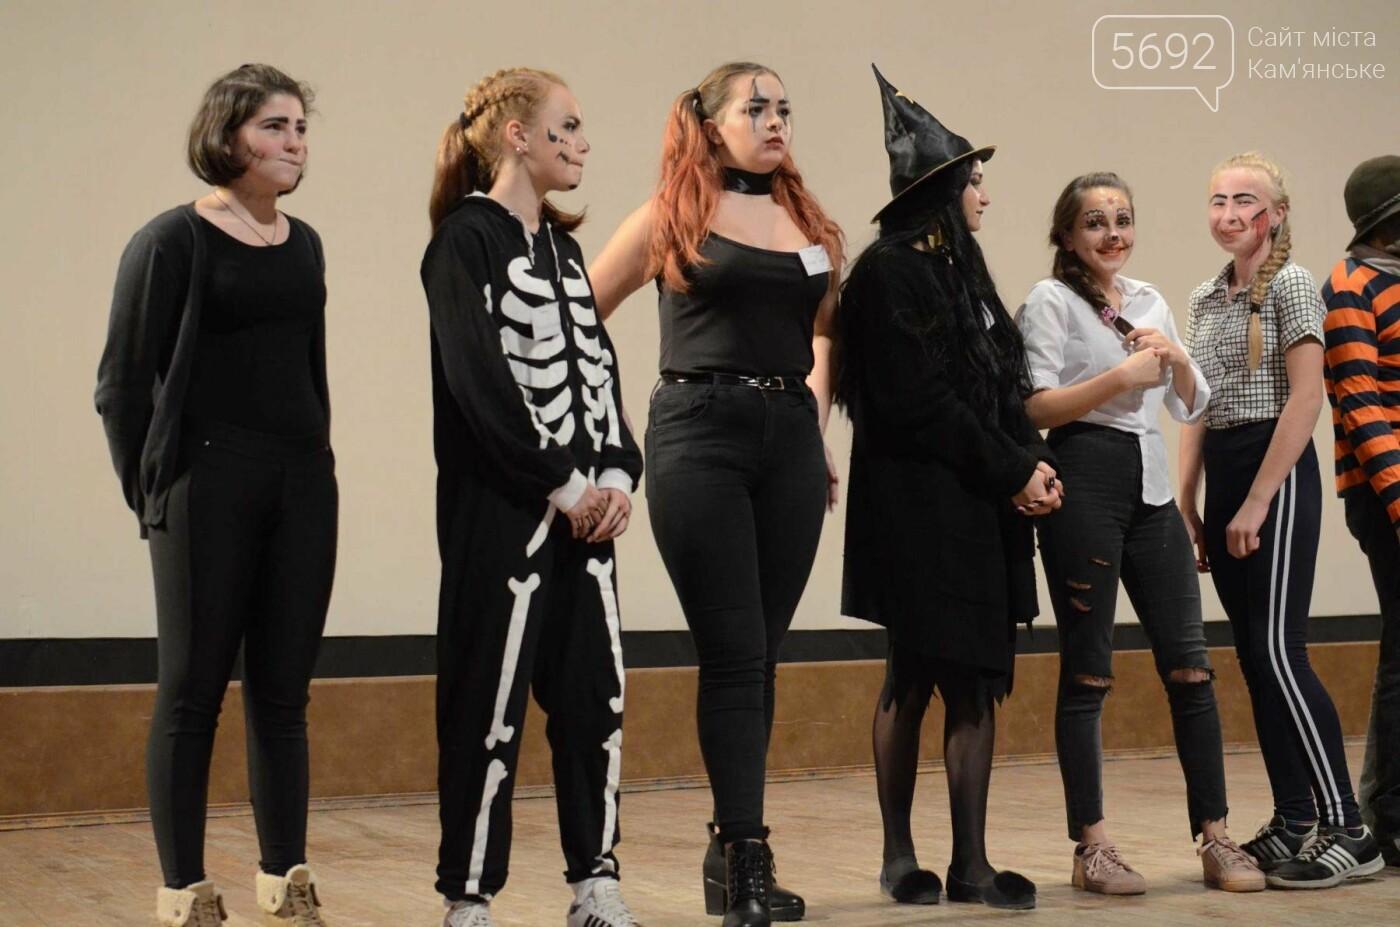 Ночь кино в Каменском посвятили Хэллоуину, фото-13